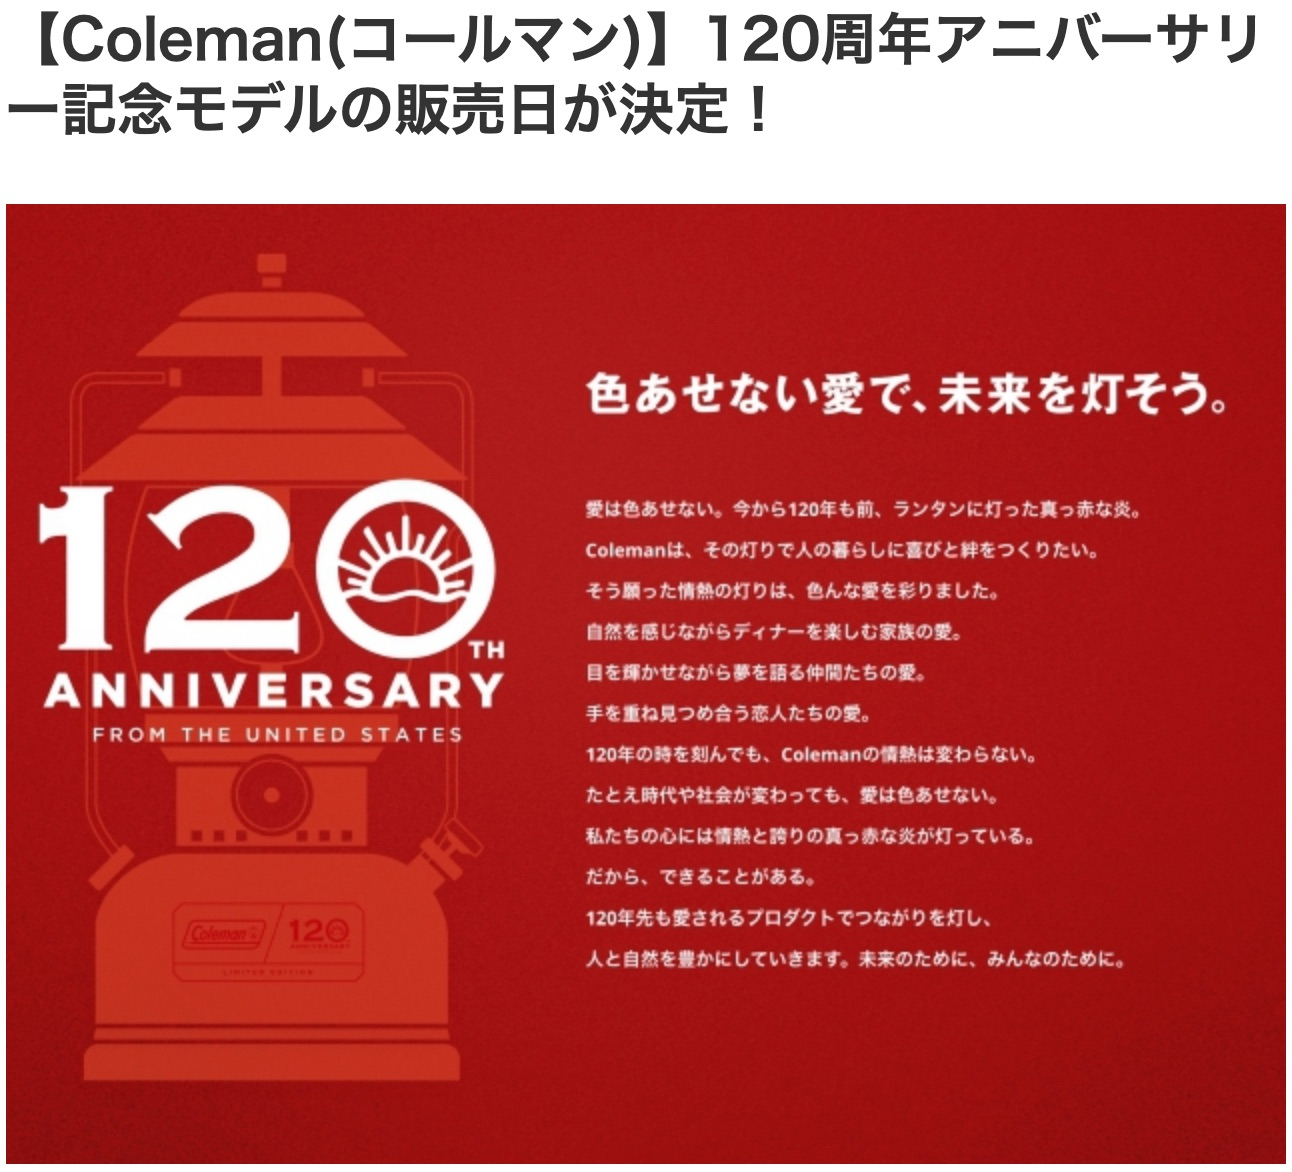 コールマン120周年